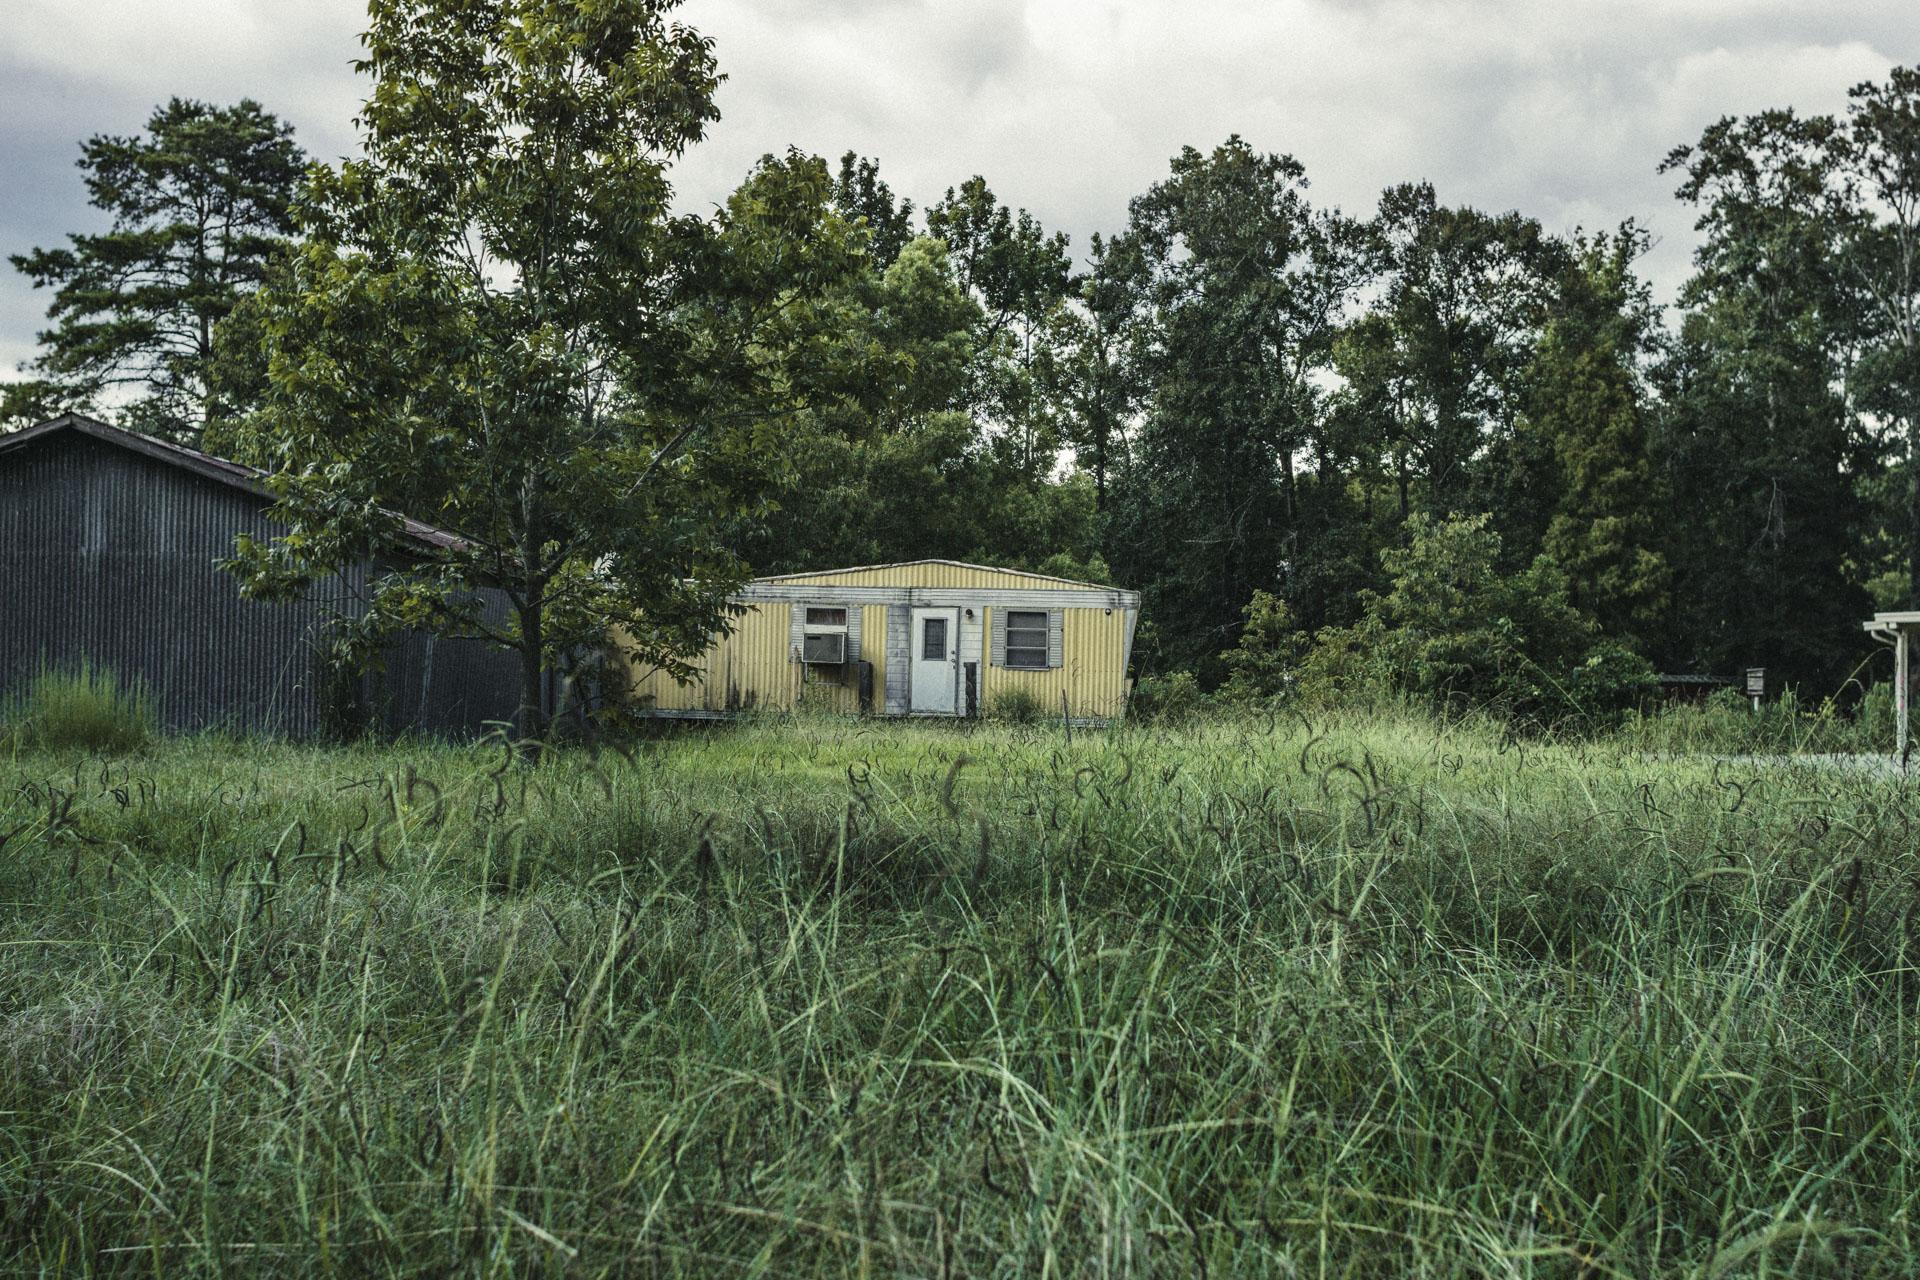 Louisiana_FinalDSC02660.JPG